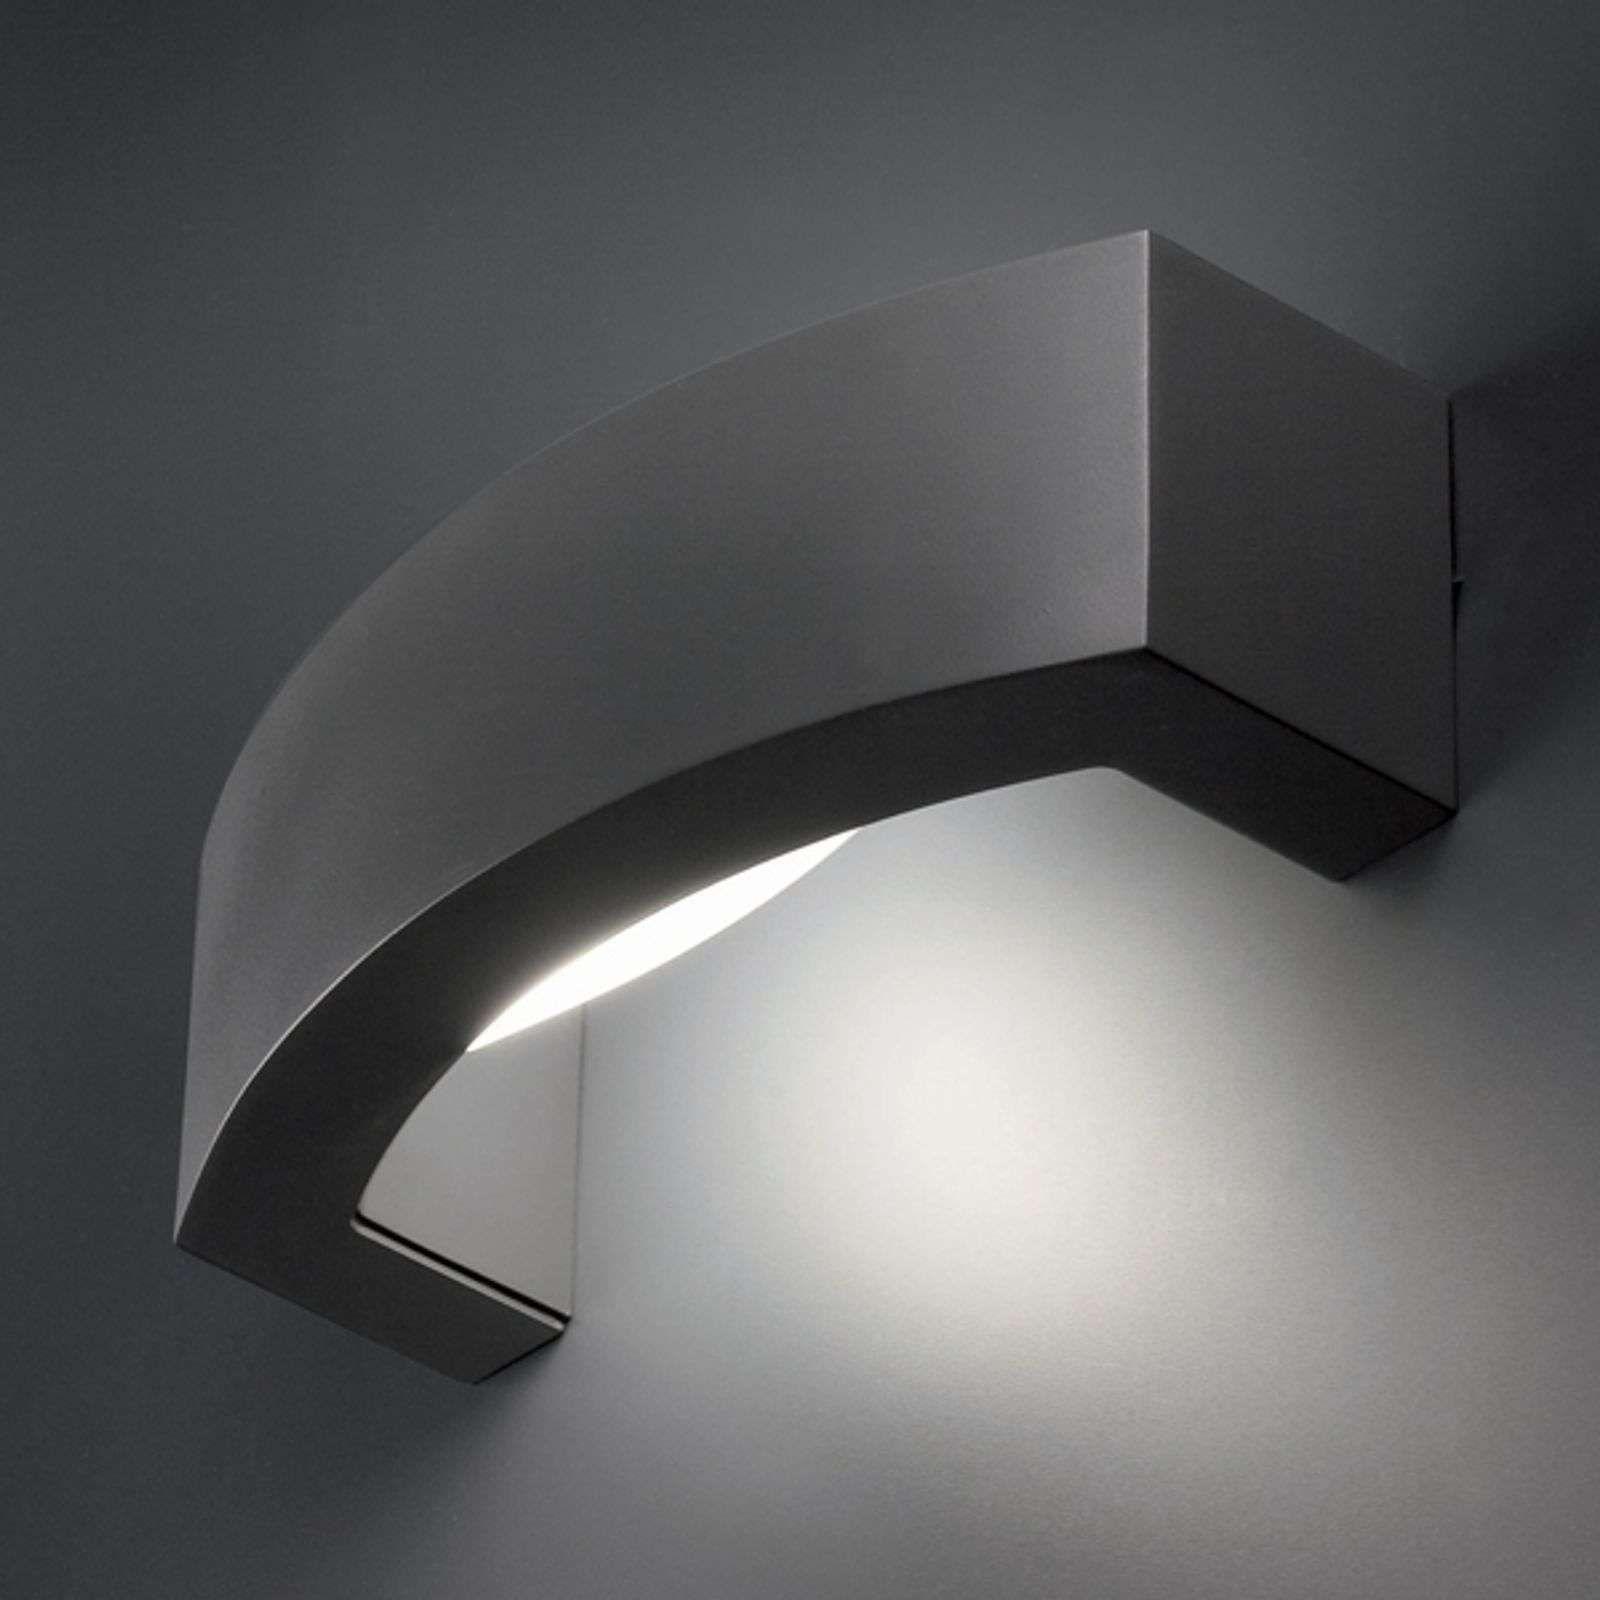 Applique D Exterieur Ancora Aussenwandleuchte Wandlampe Aluminium